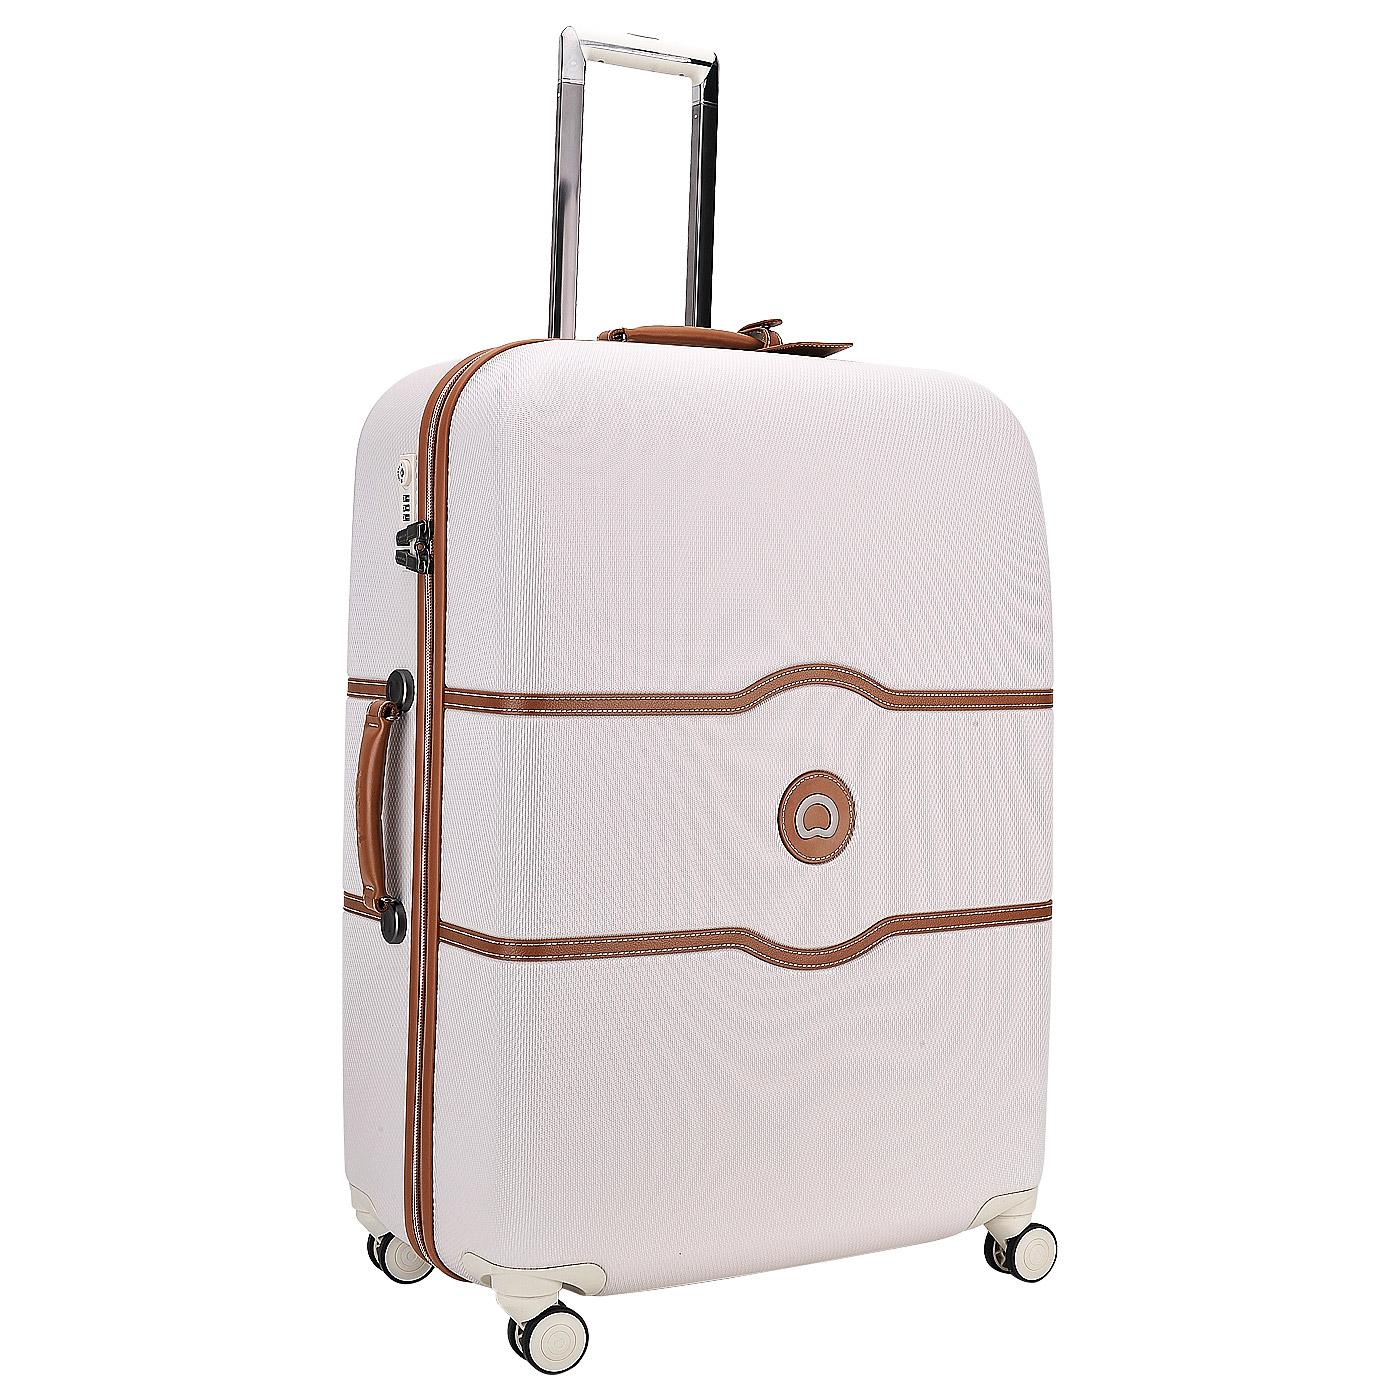 Купить чемодан делси